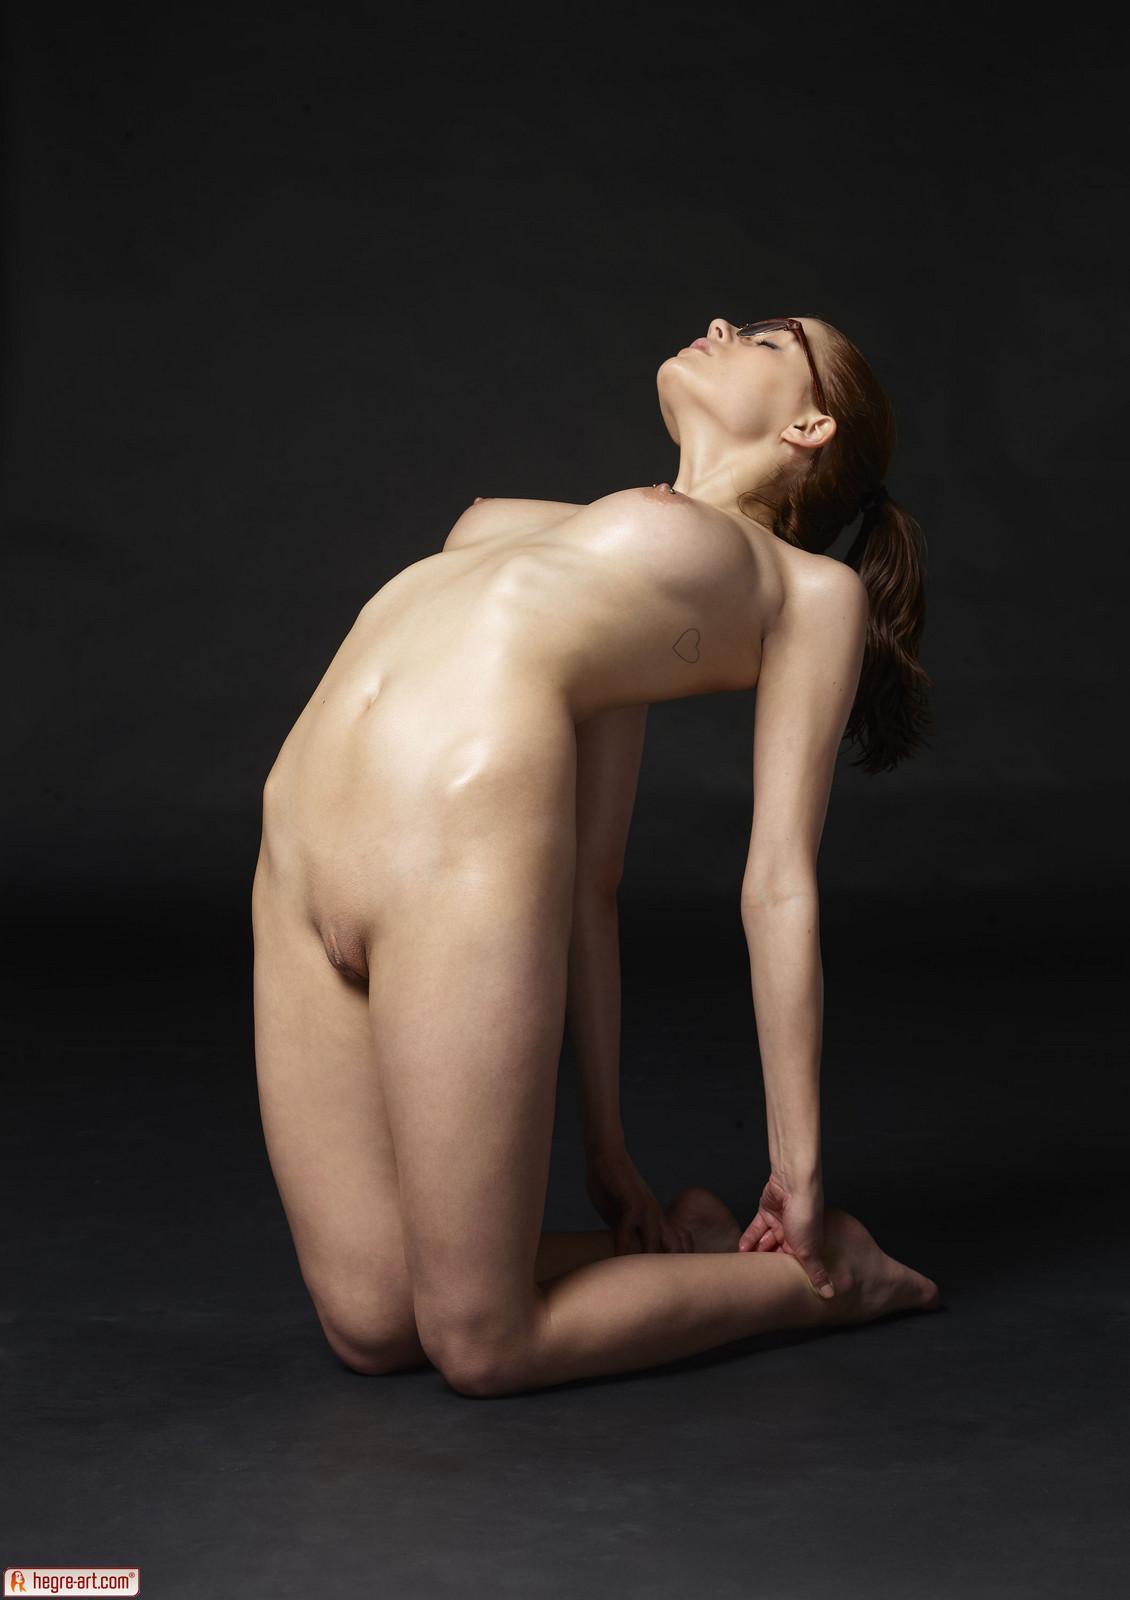 Zdjęcie porno - 1122 - Boskie ciało rudej pani